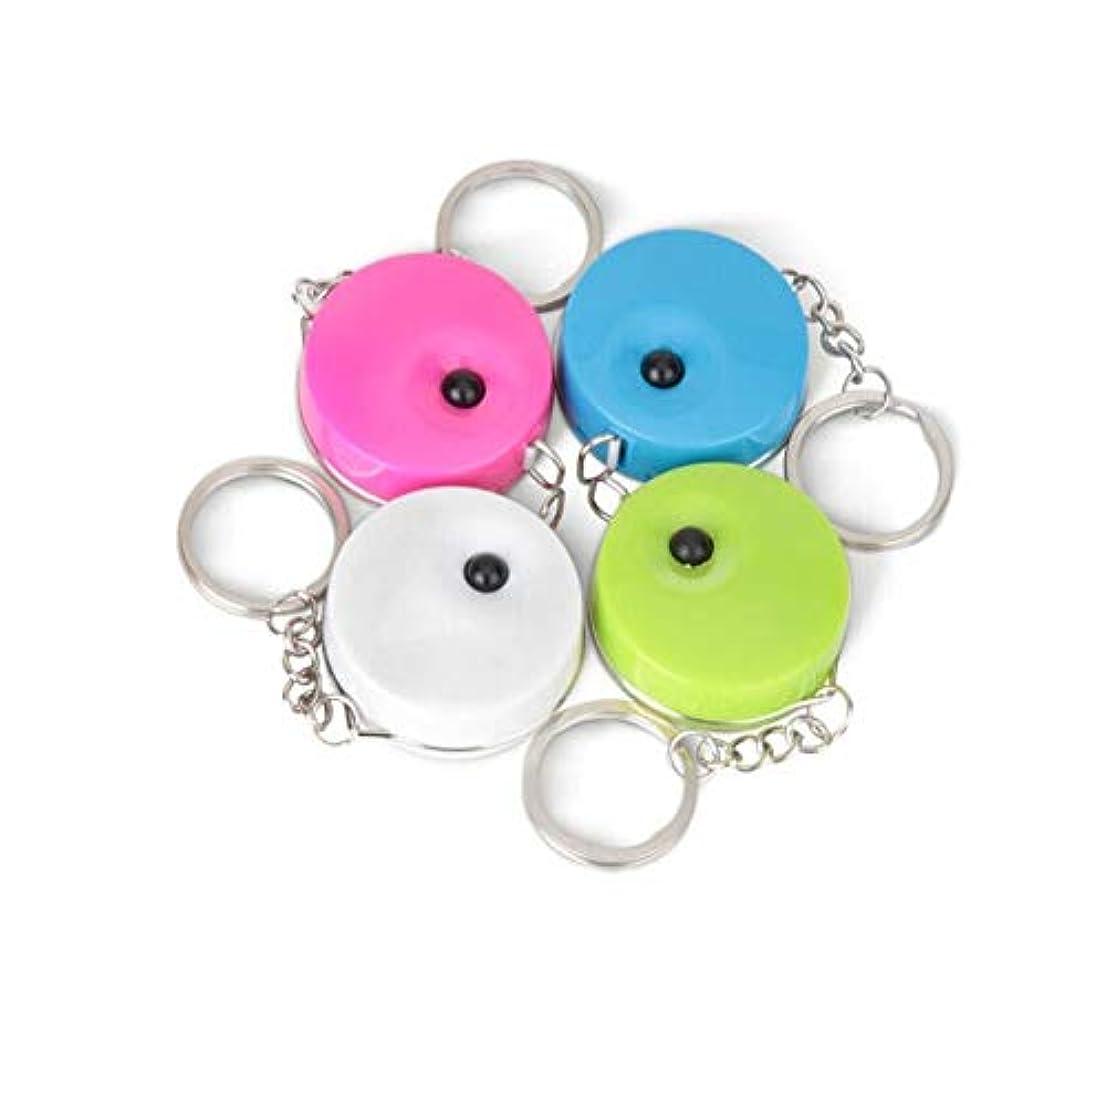 着る捨てる検出Boyuanweiye001 1.5メートルキーチェーン小巻き尺、ポータブルミニレザー巻き尺、マルチカラーオプション 高品質 (Color : Pink, Size : 1.5m)